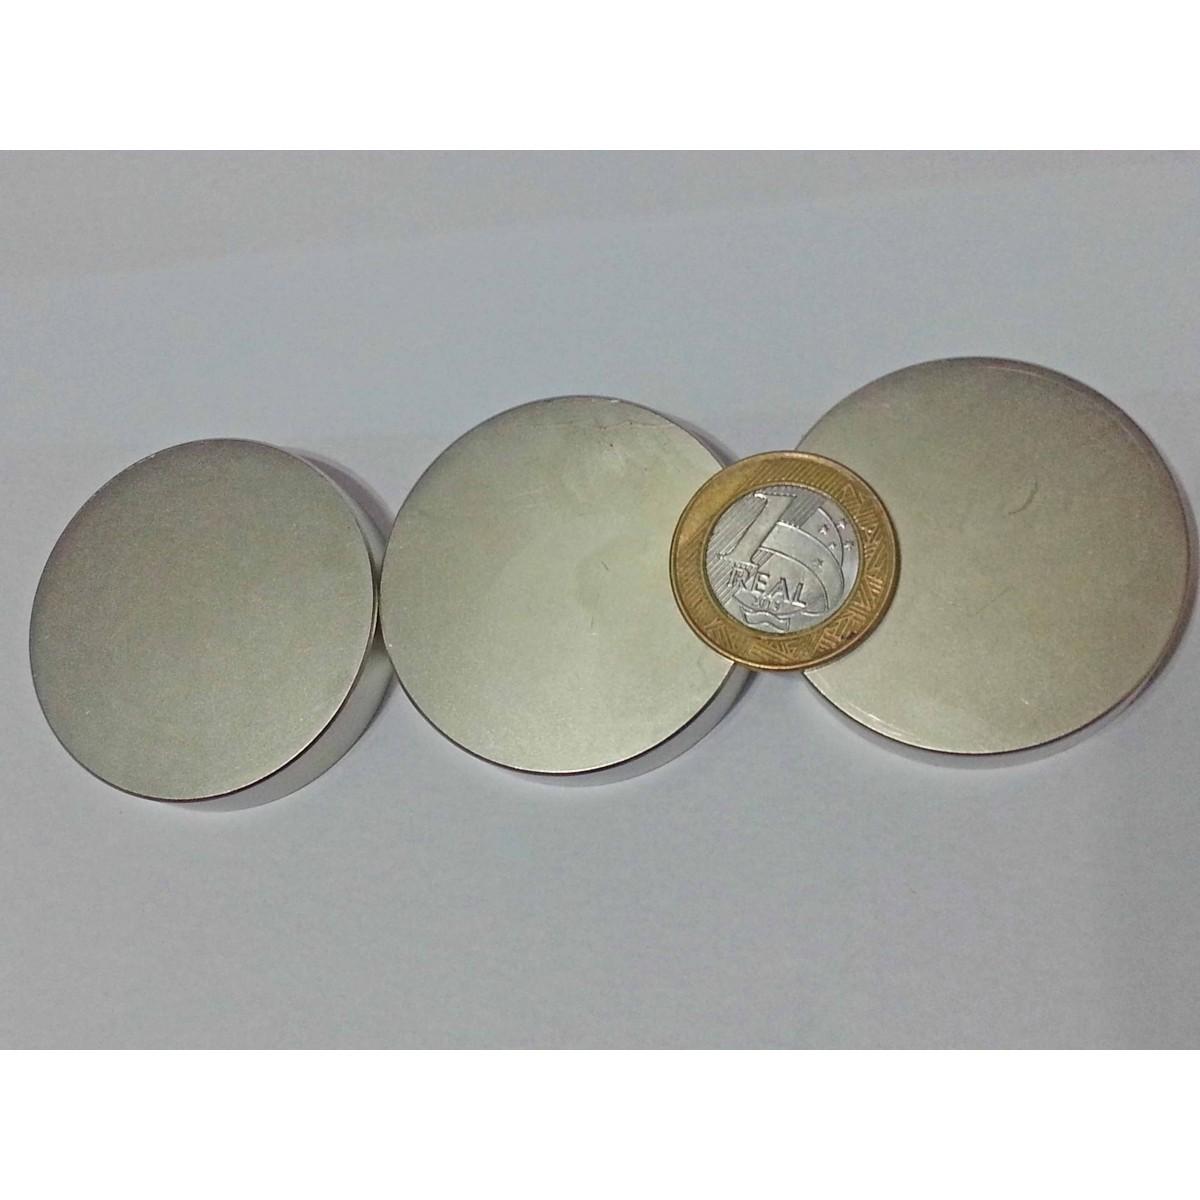 Imã De Neodímio / Super Forte / 48mm X 10mm * 1 Peça